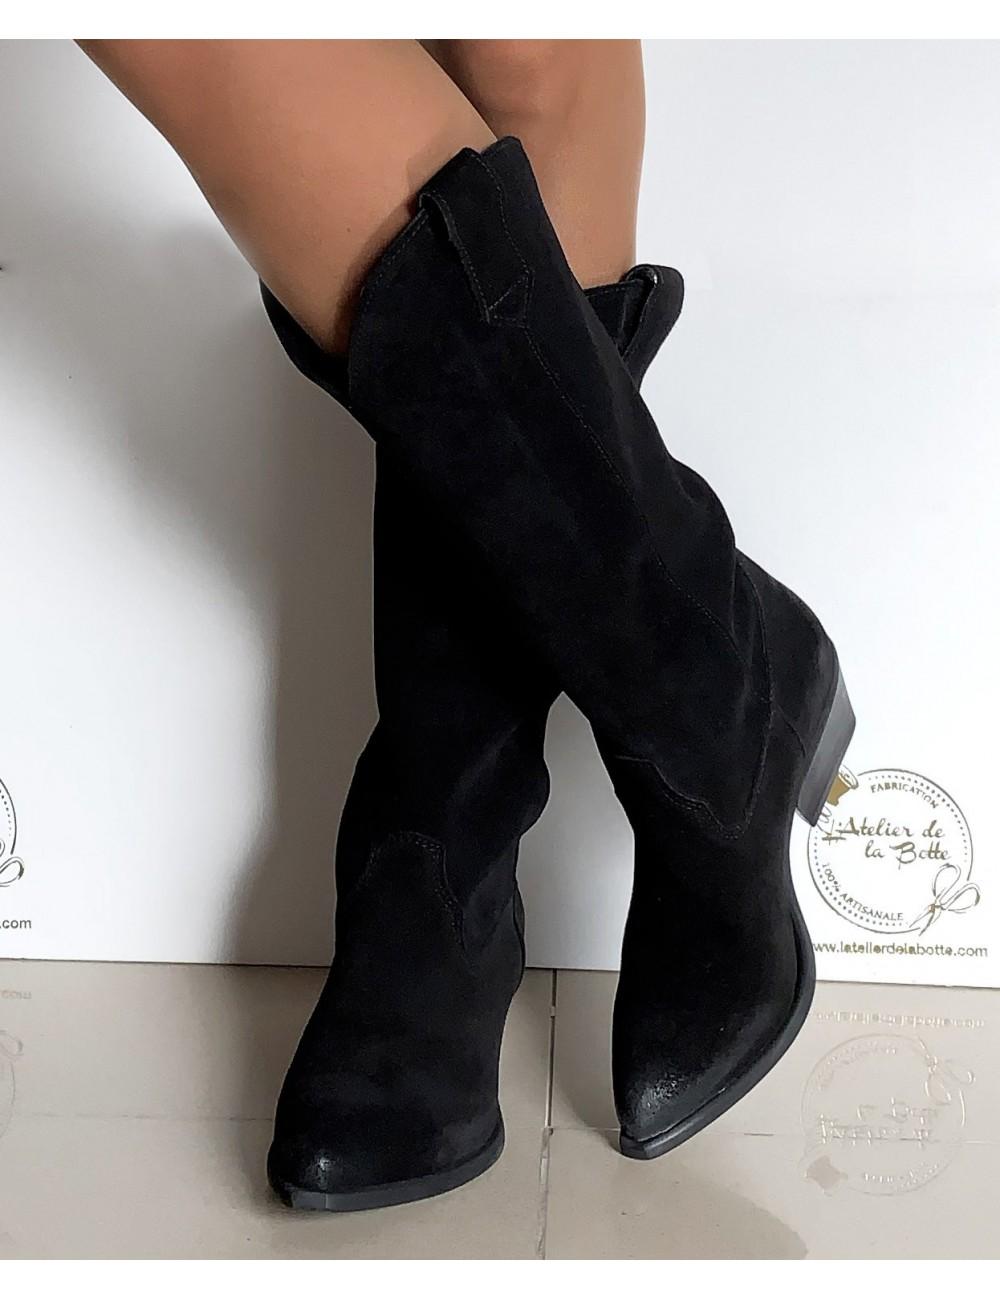 Bottes cowboy daim noir femme - Bottes santiag et country artisanales